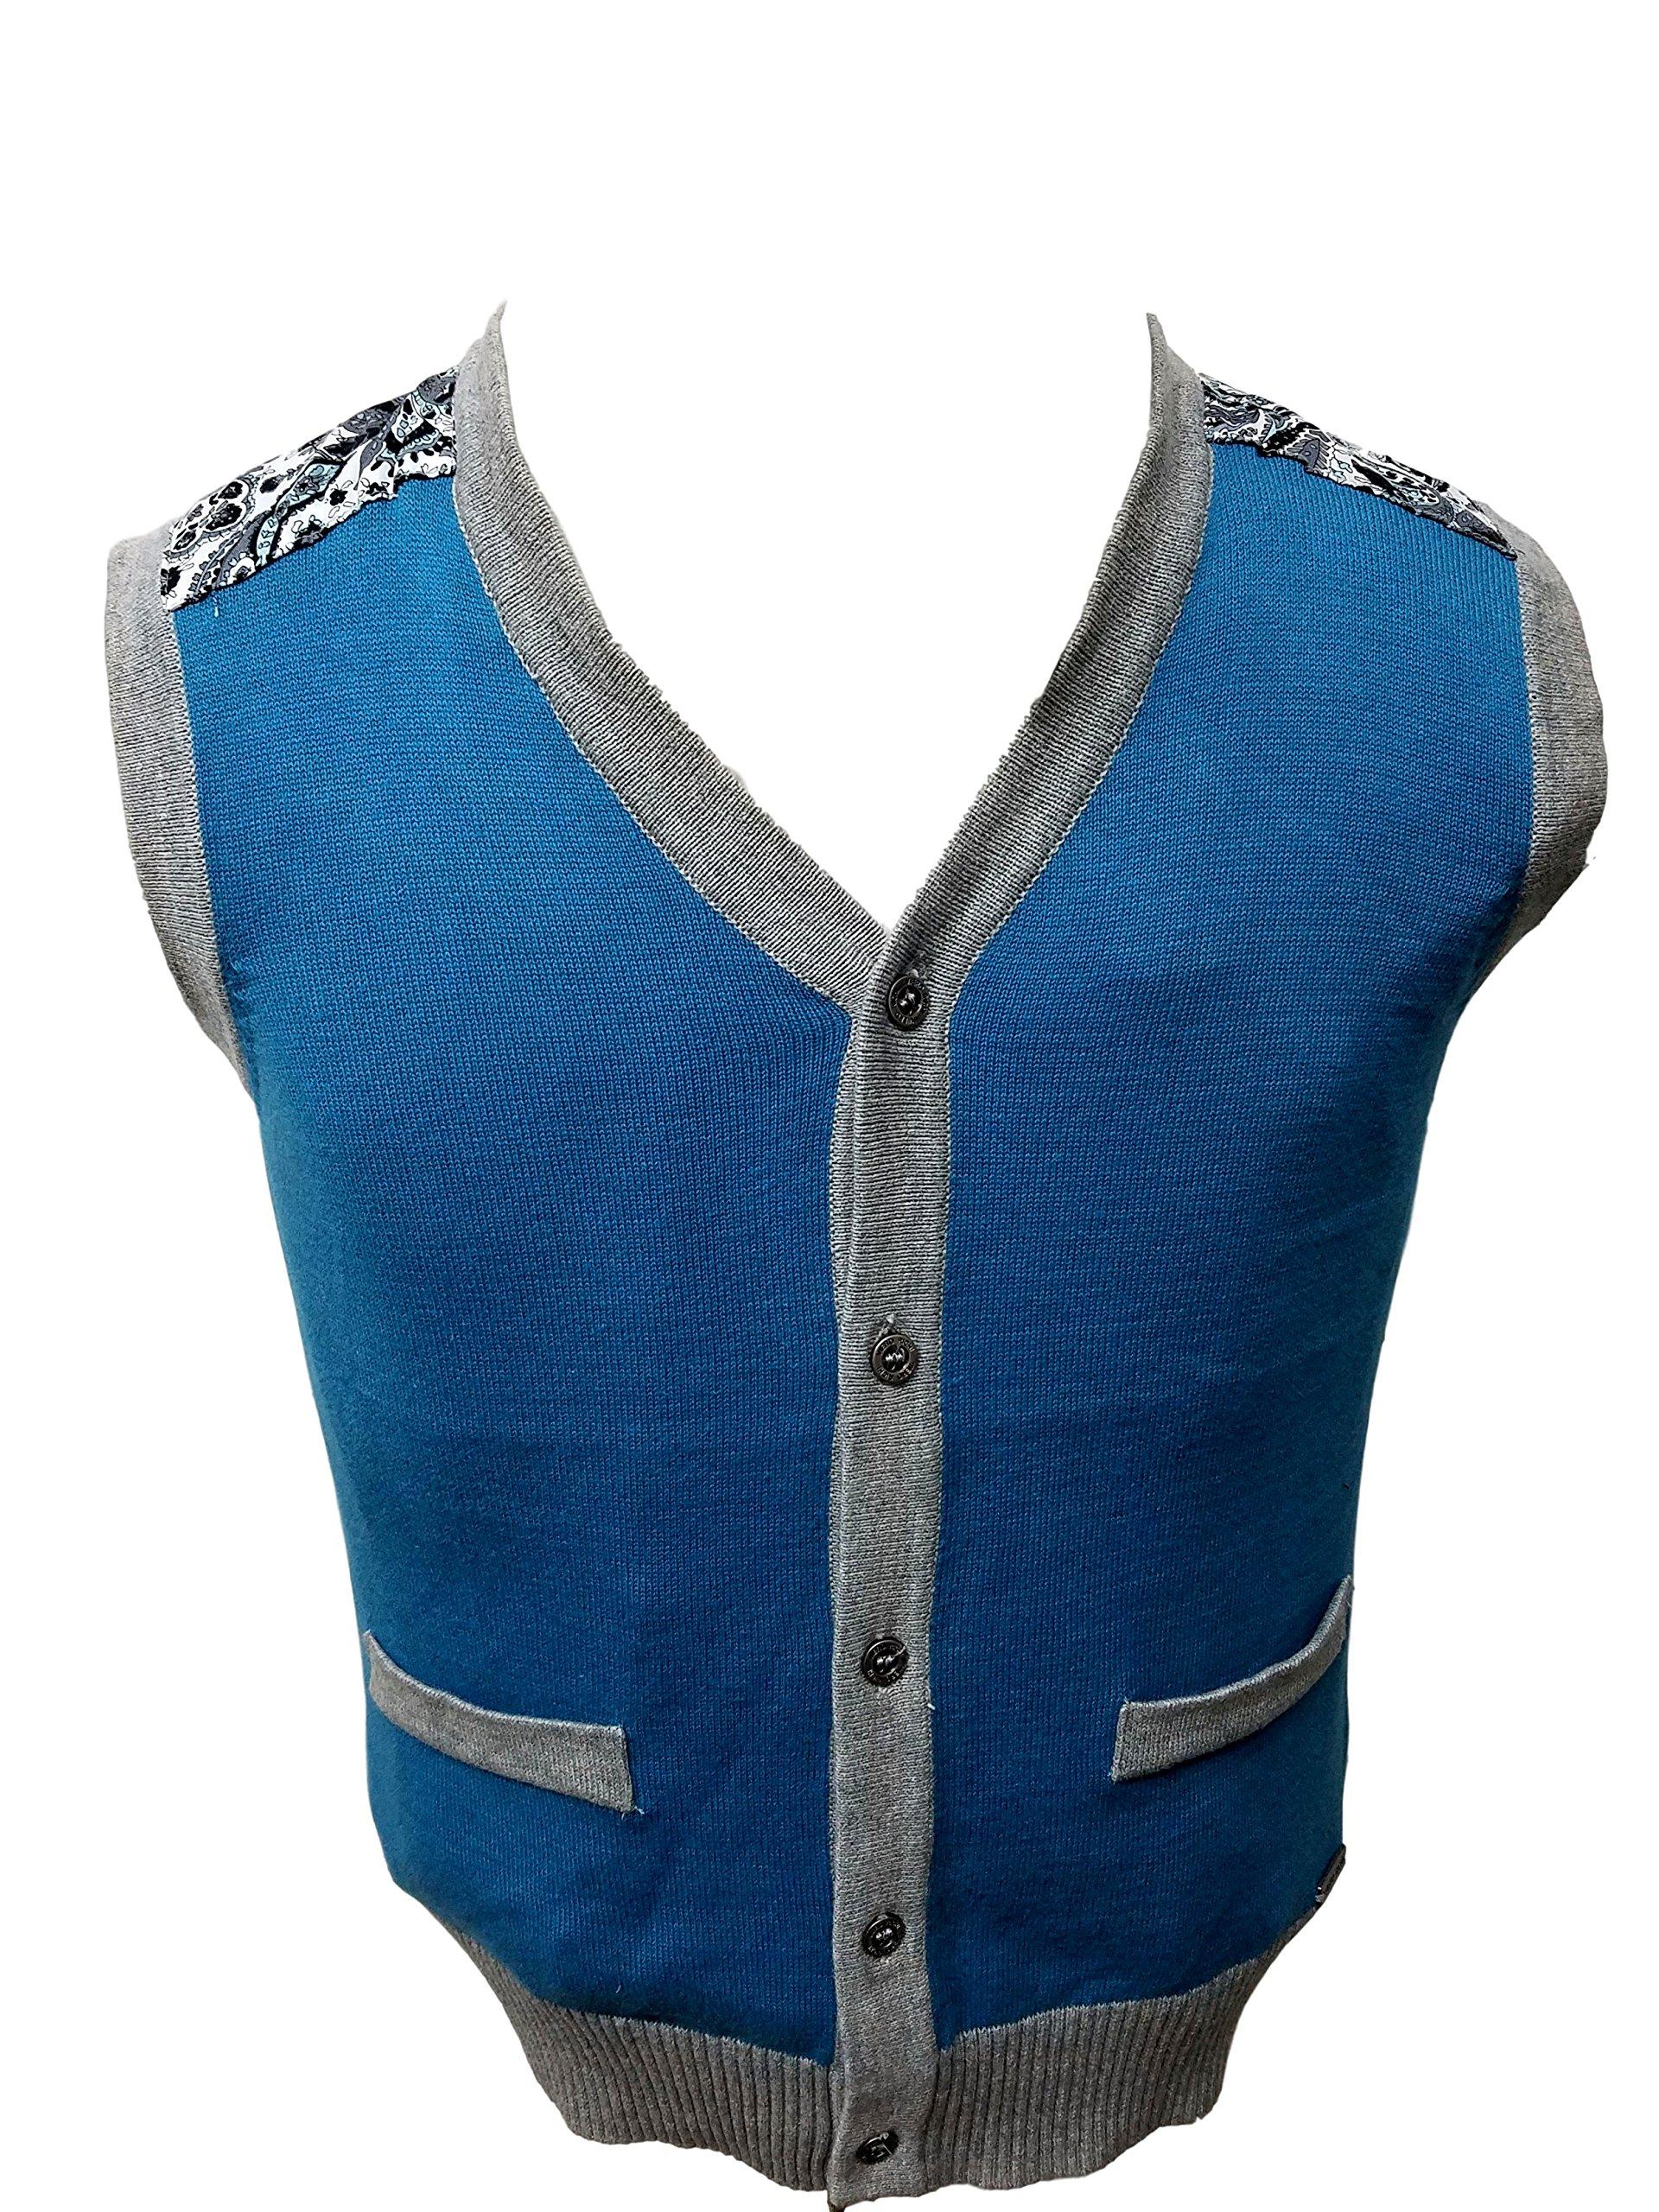 Vest Sweater 100% Cotton 2383 (2, Teal Blue)